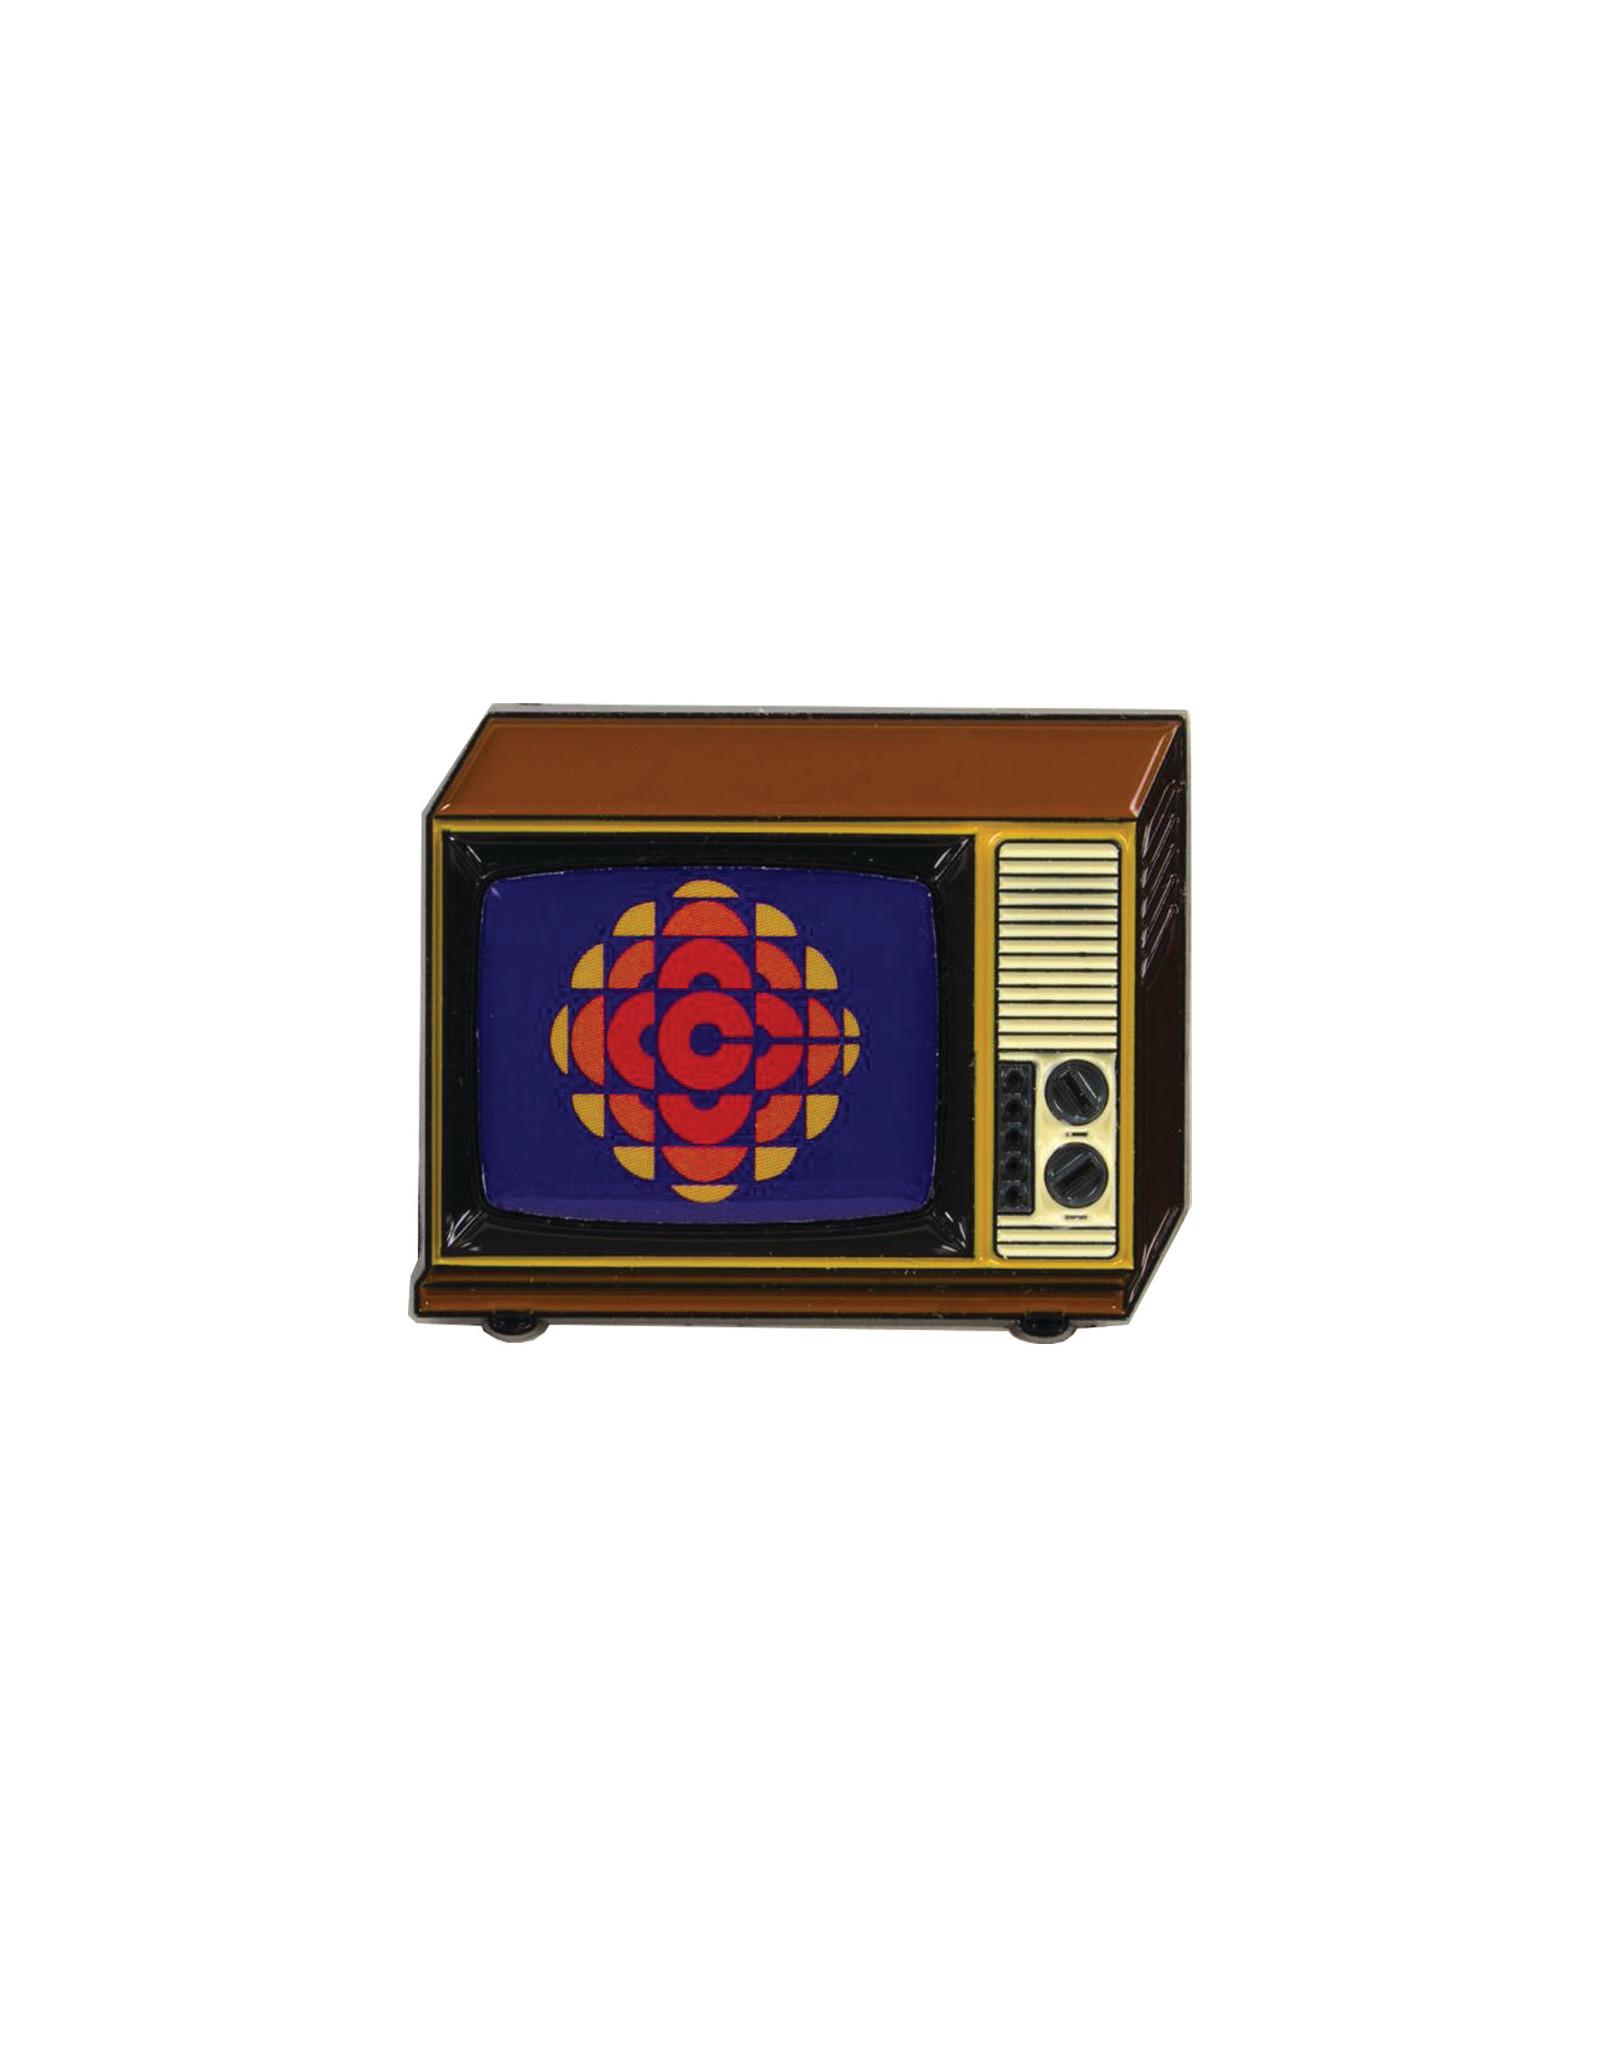 Happy Worker CBC Retro TV 1974 Pin